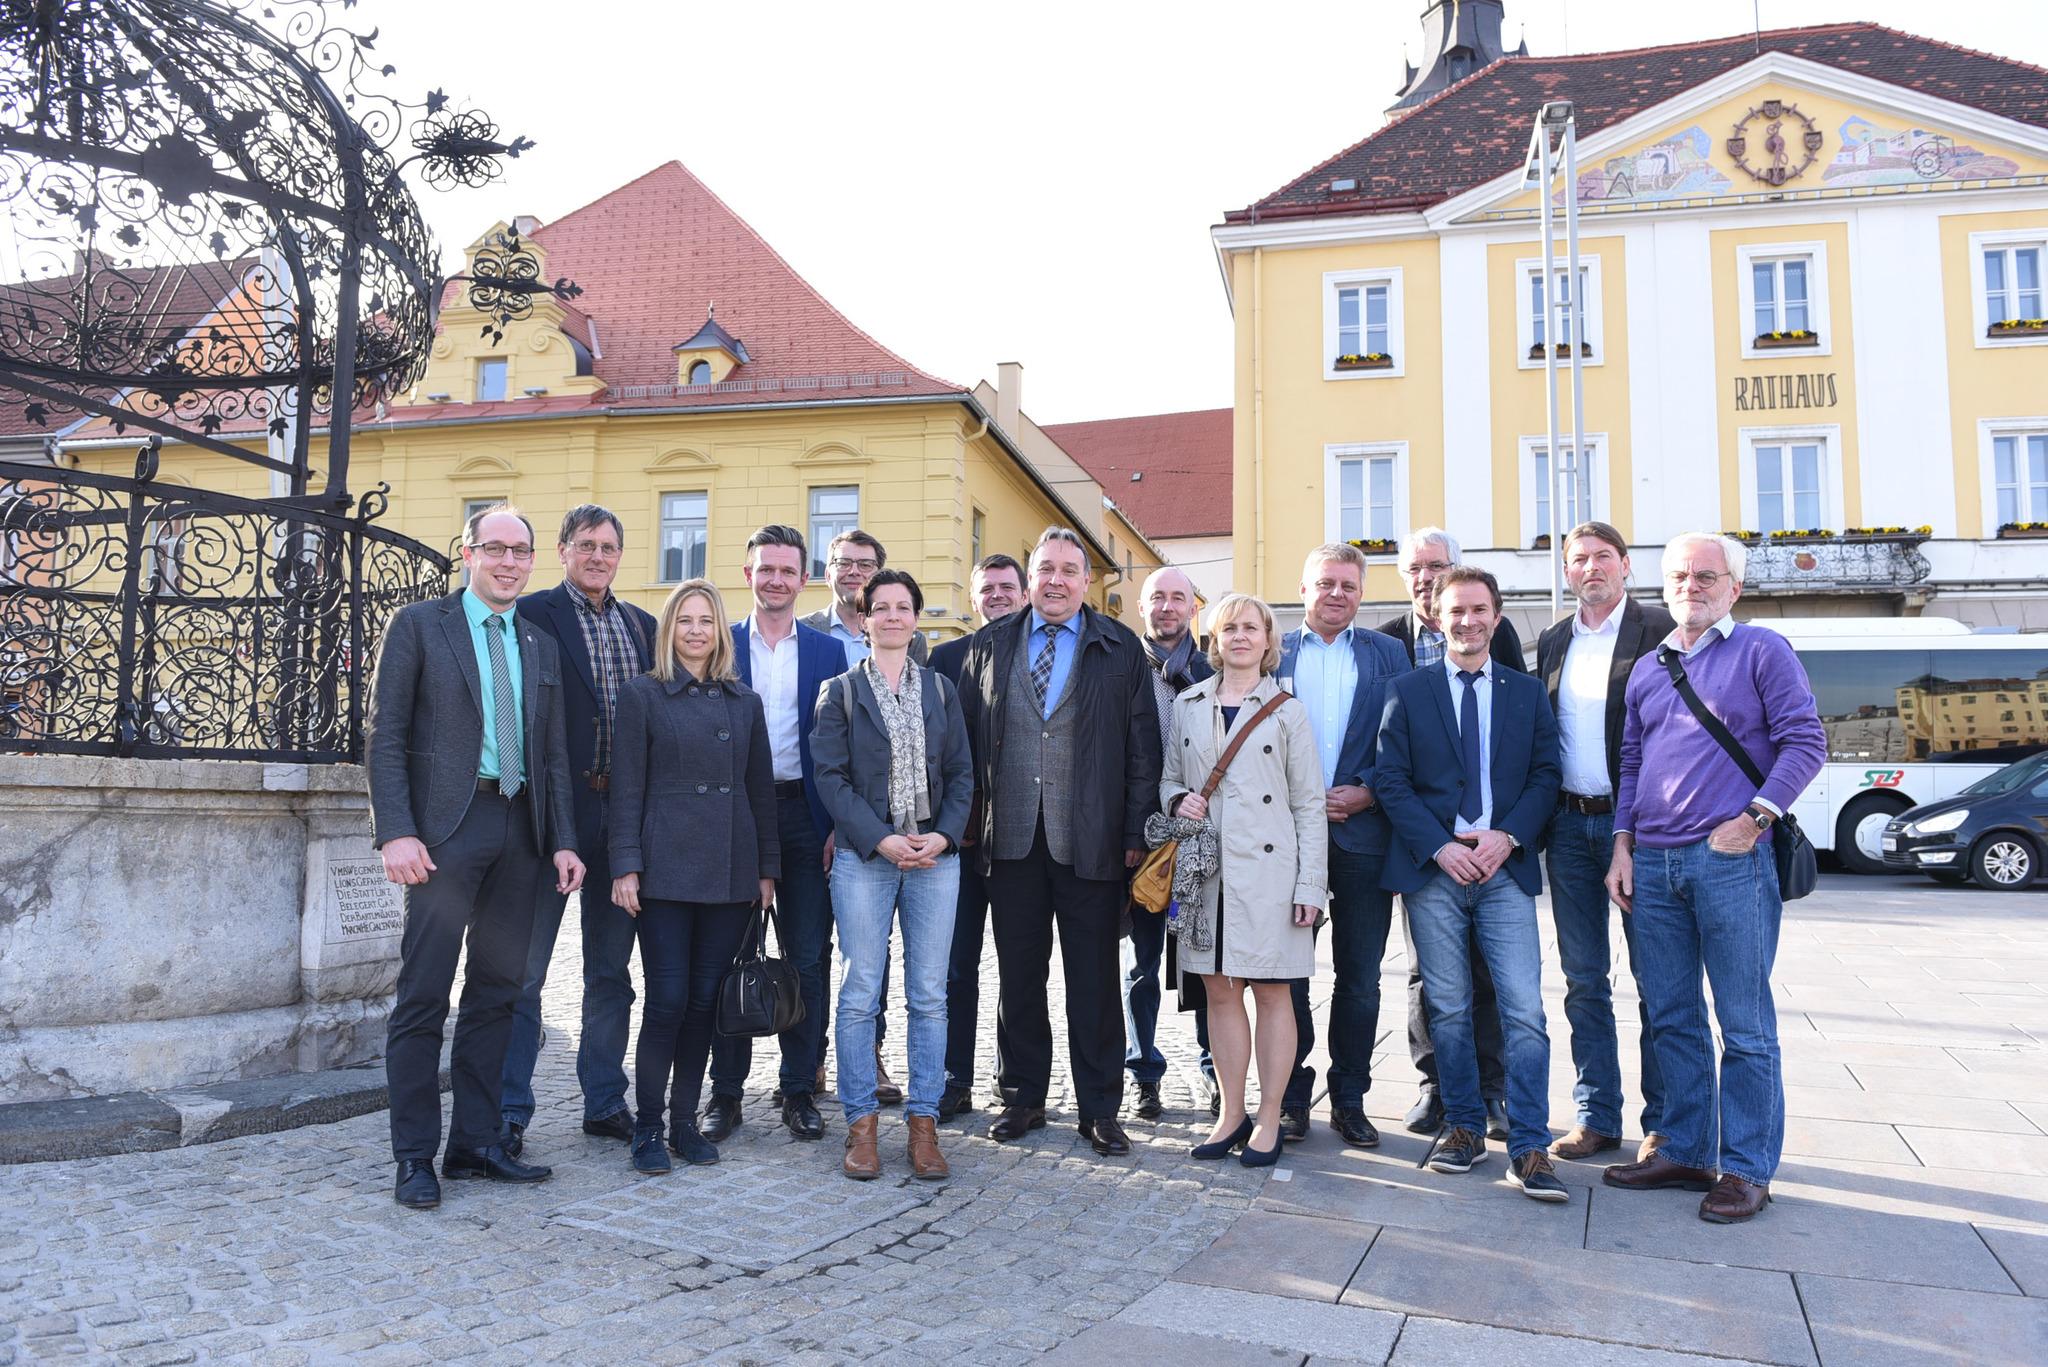 4. Vespatreffen in Bruck/Mur - Echtzeit-TV